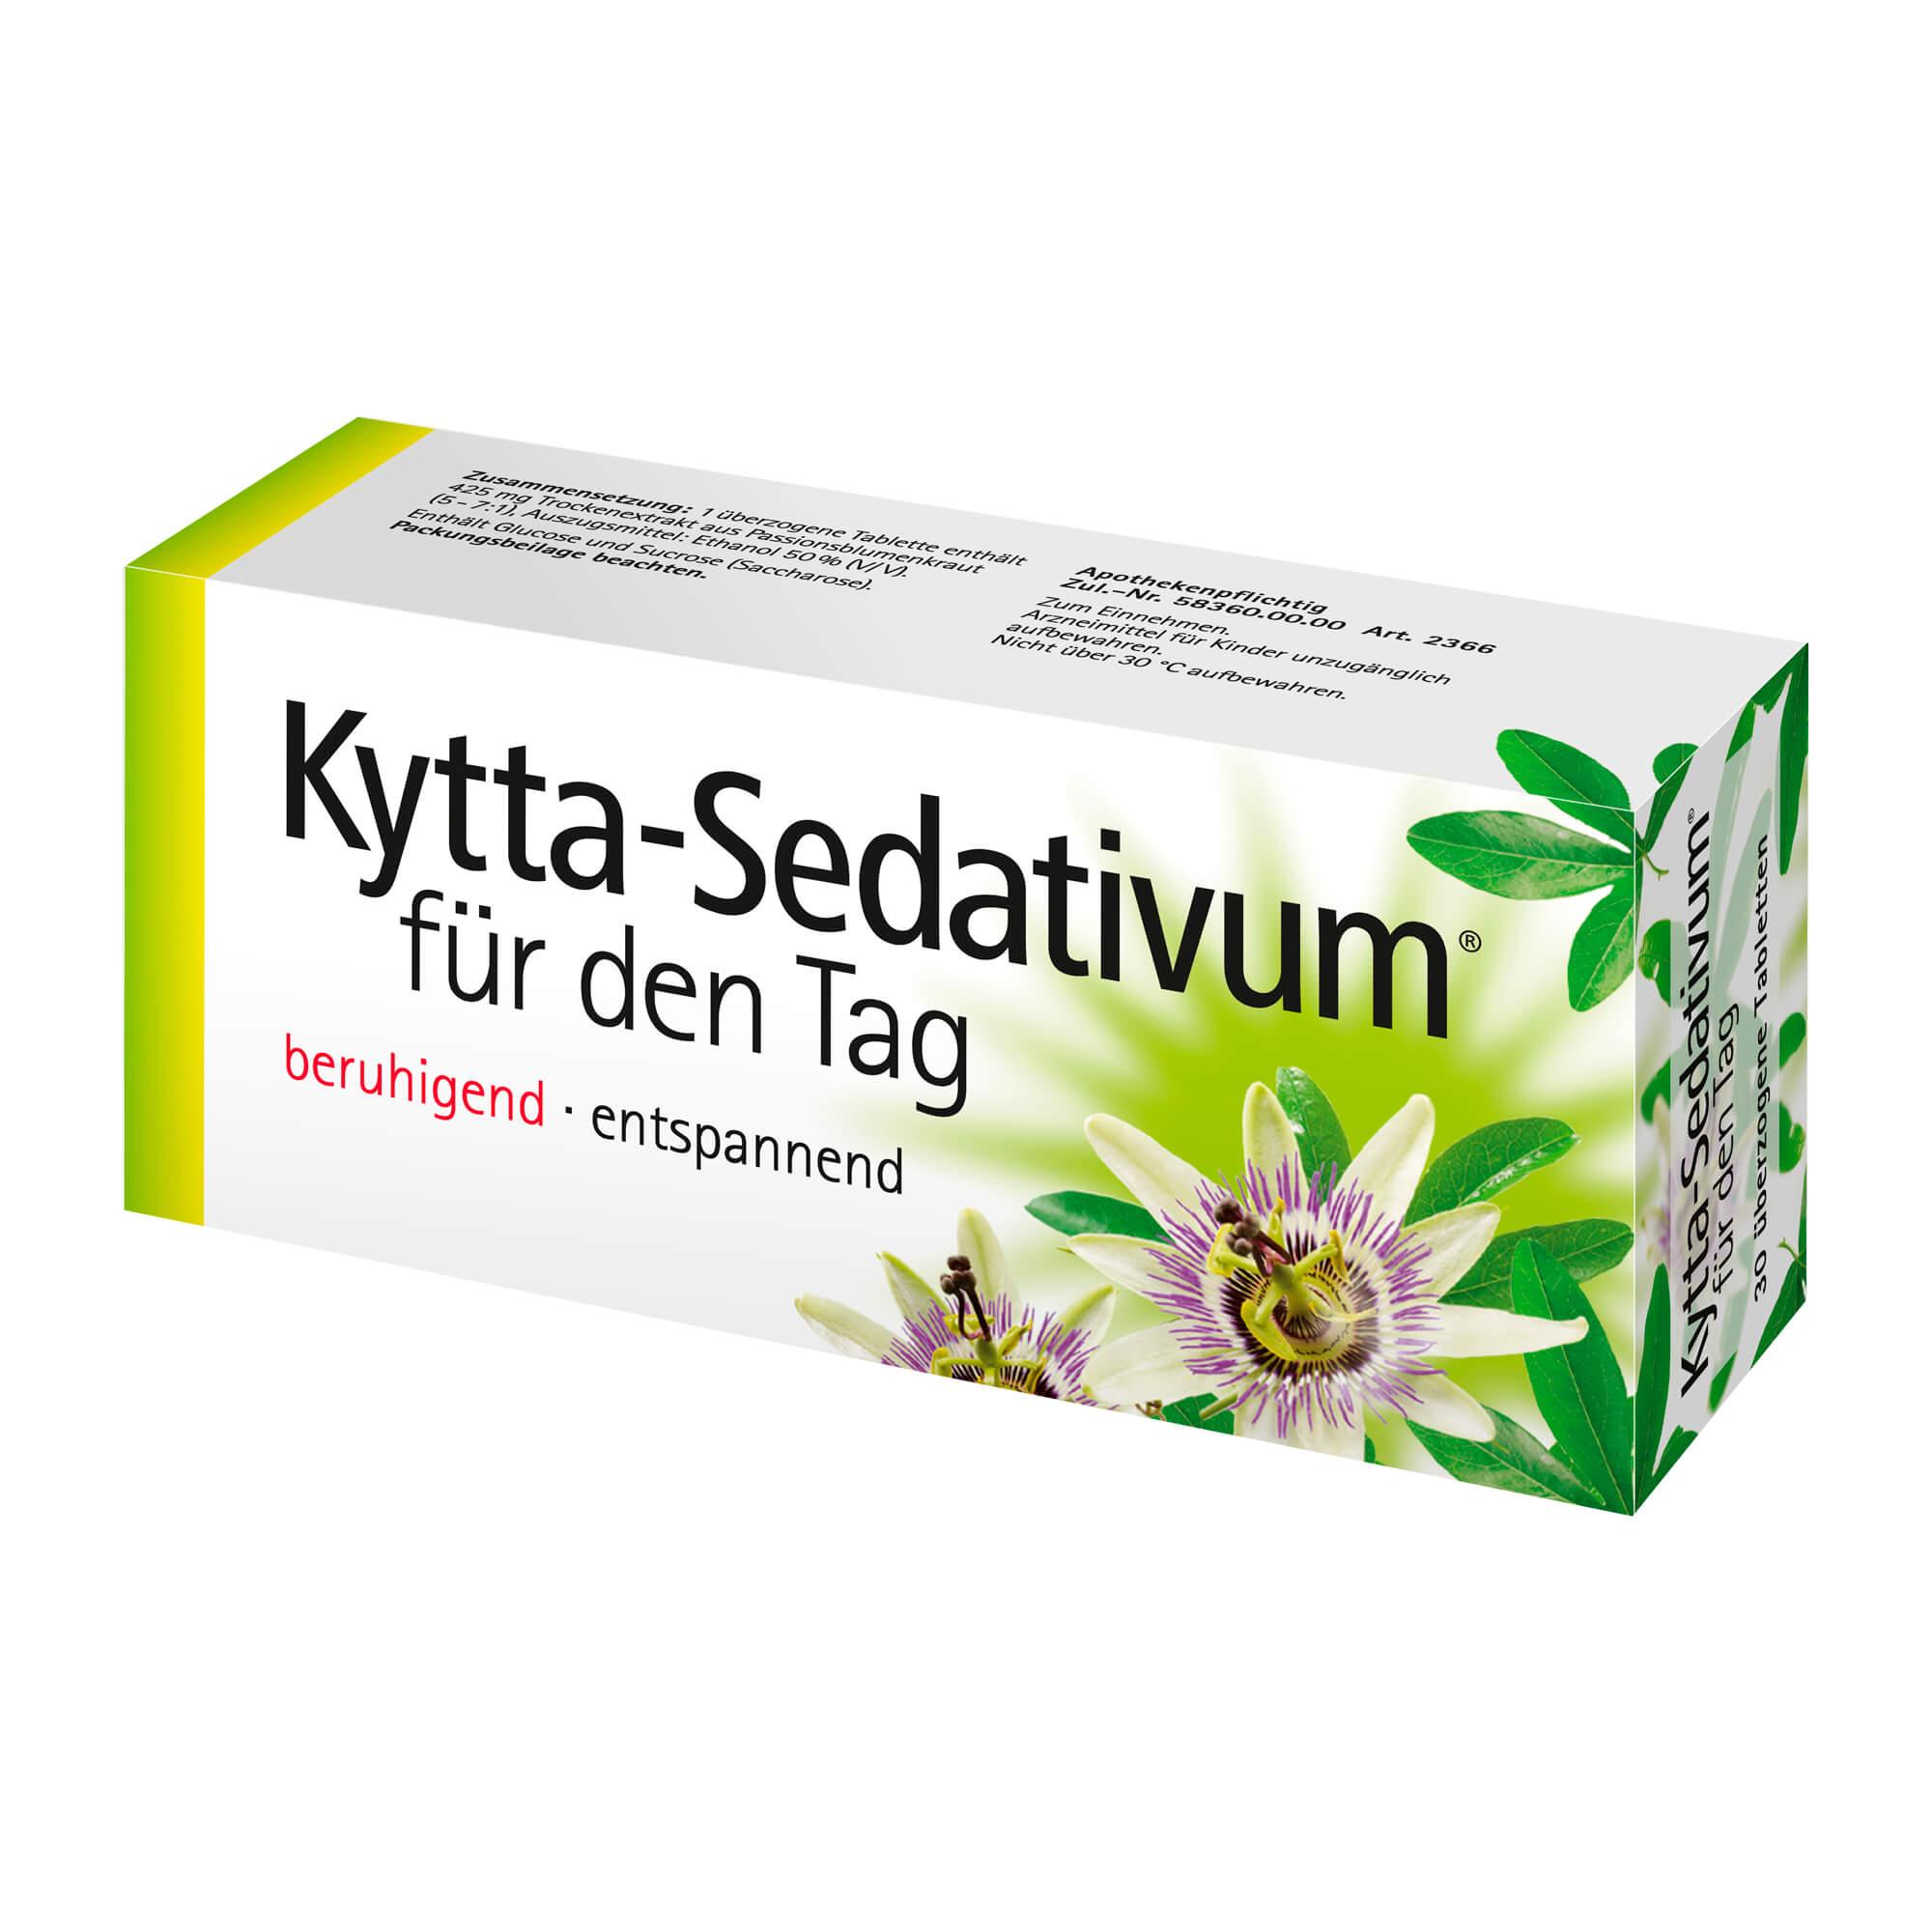 Kytta-Sedativum für den Tag